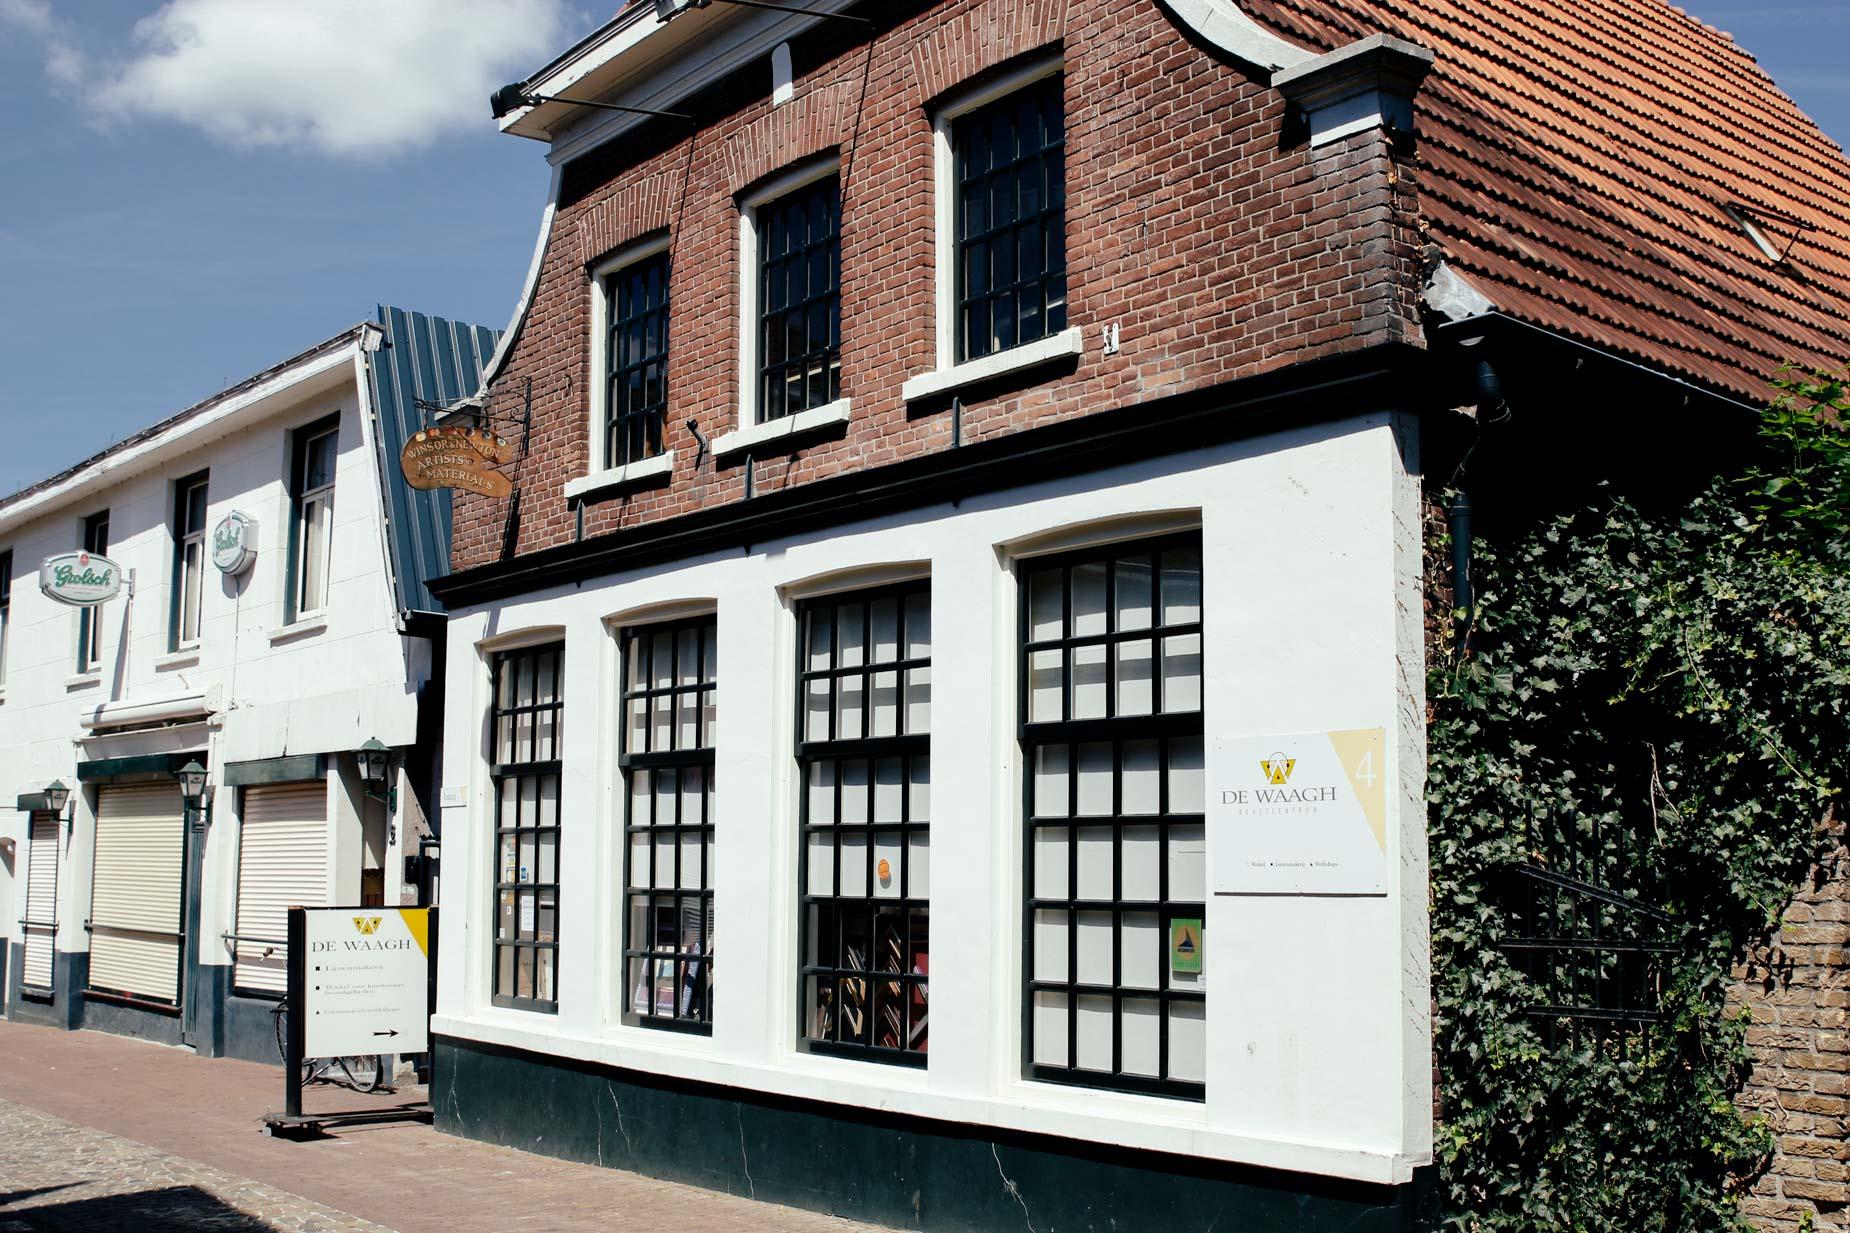 winkel-kunstenaars-de-waagh-oldenzaal